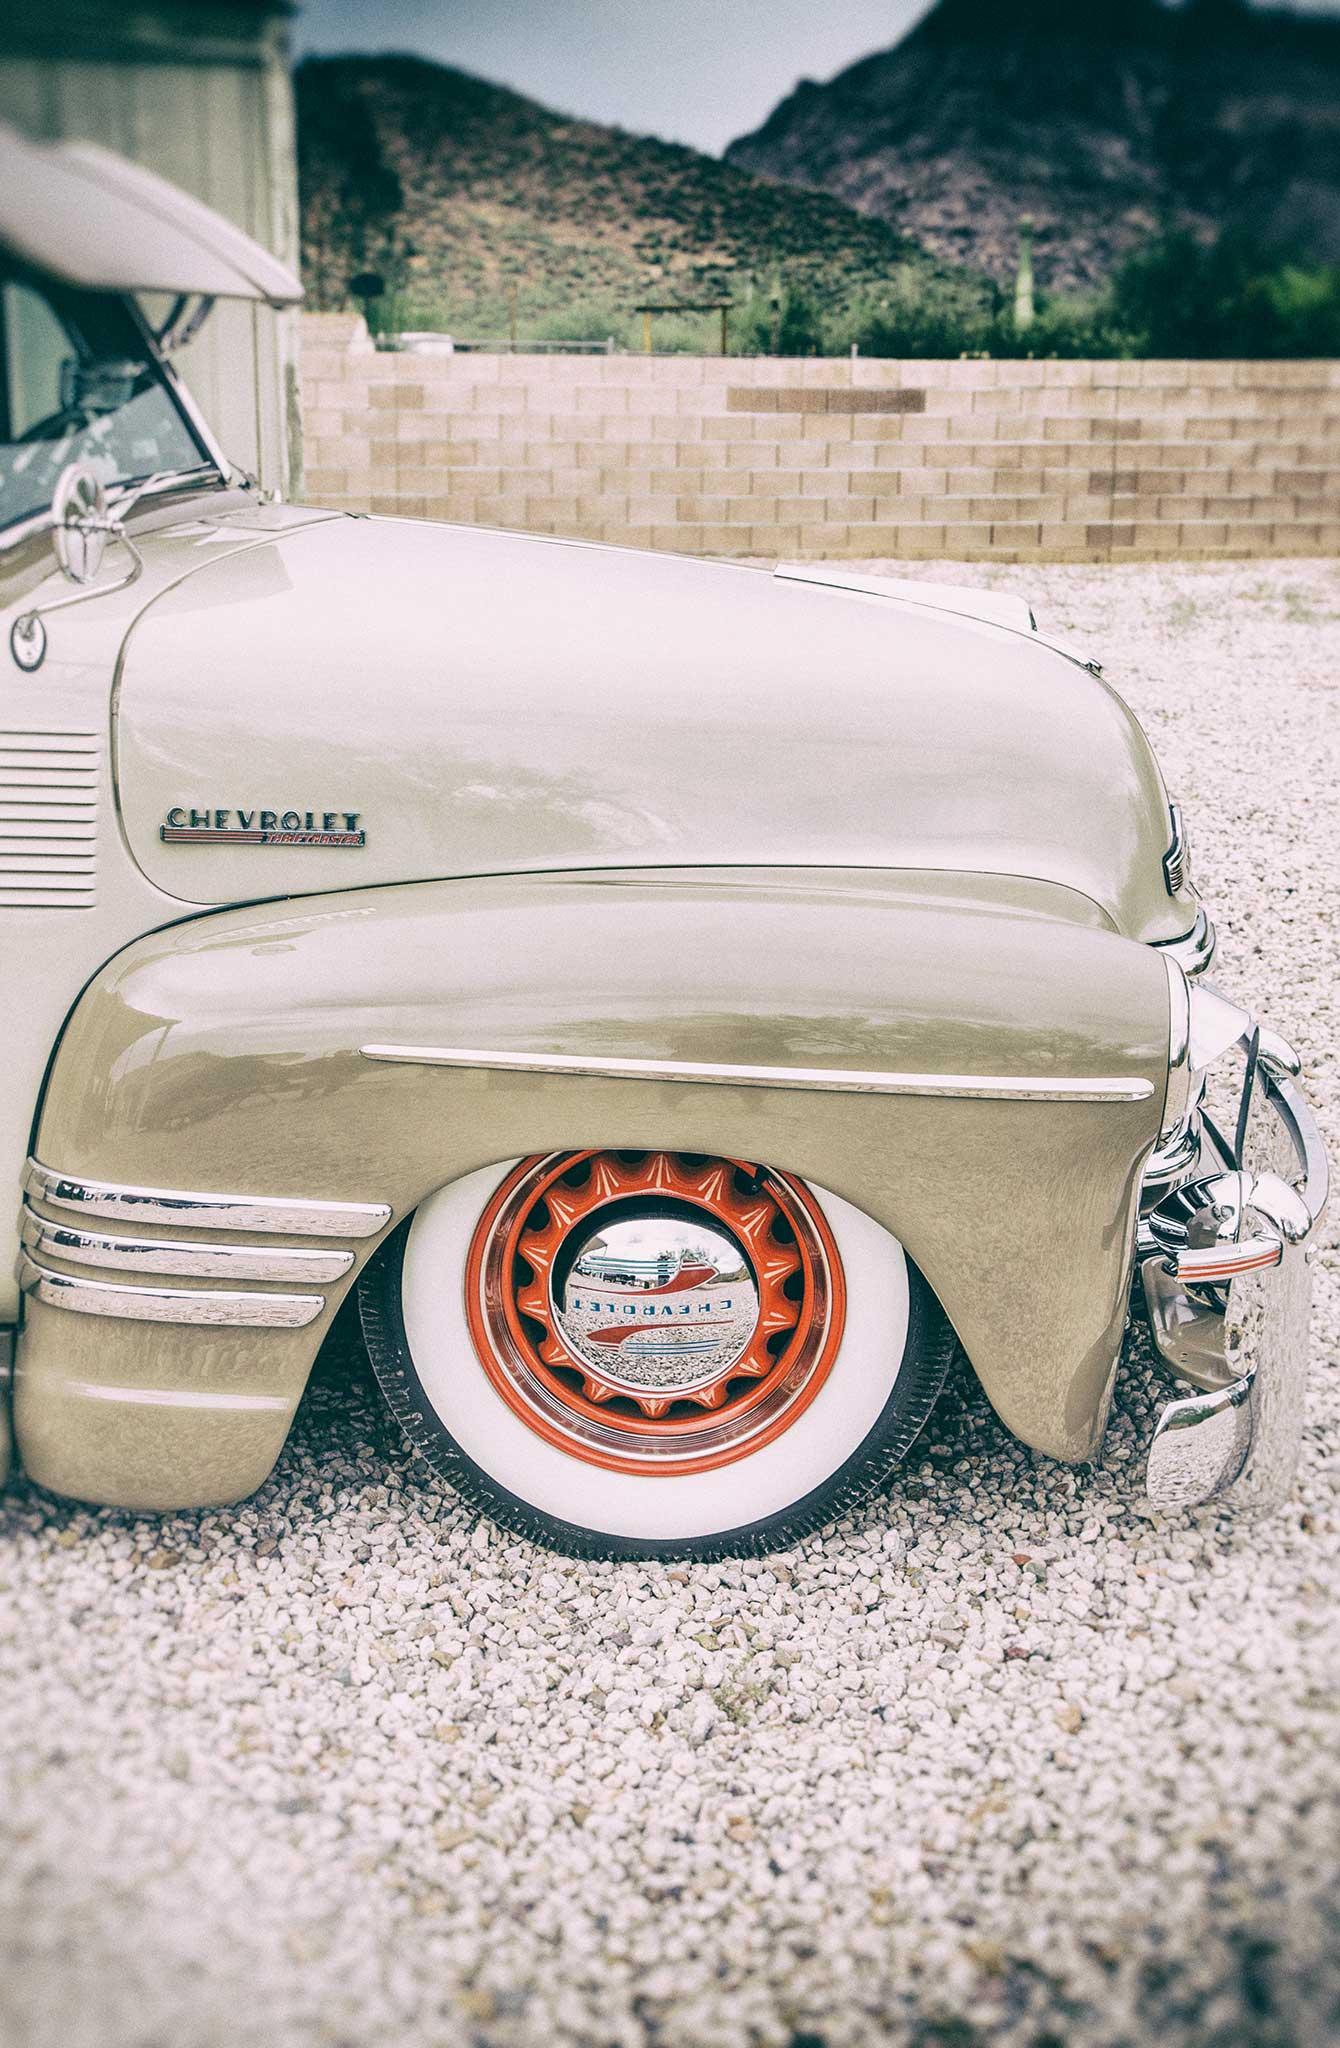 1949 Chevrolet Suburban - SUV Supreme